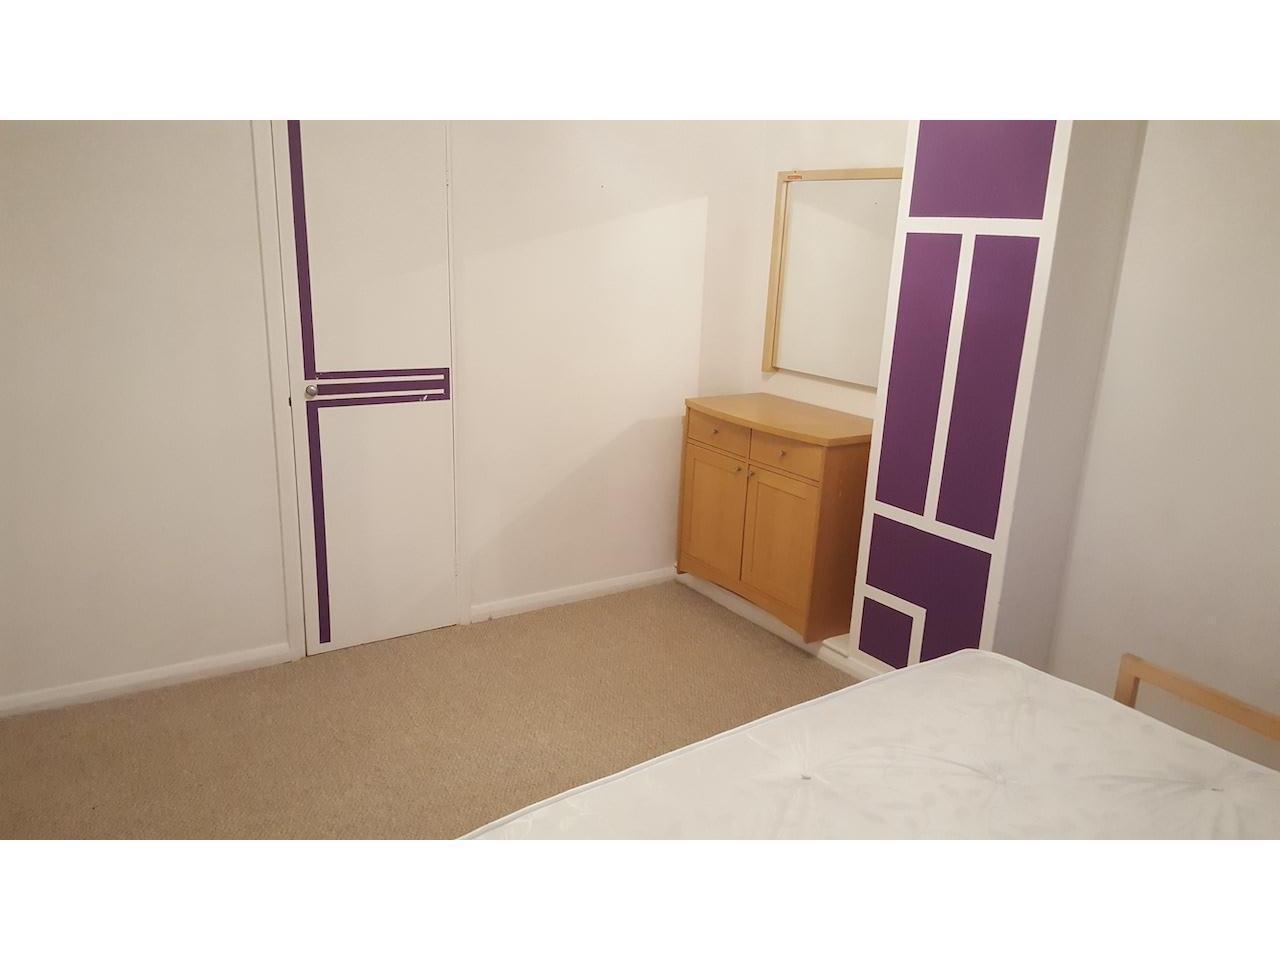 Сдаётся двухместная, чистая комнатa для девушки - 2